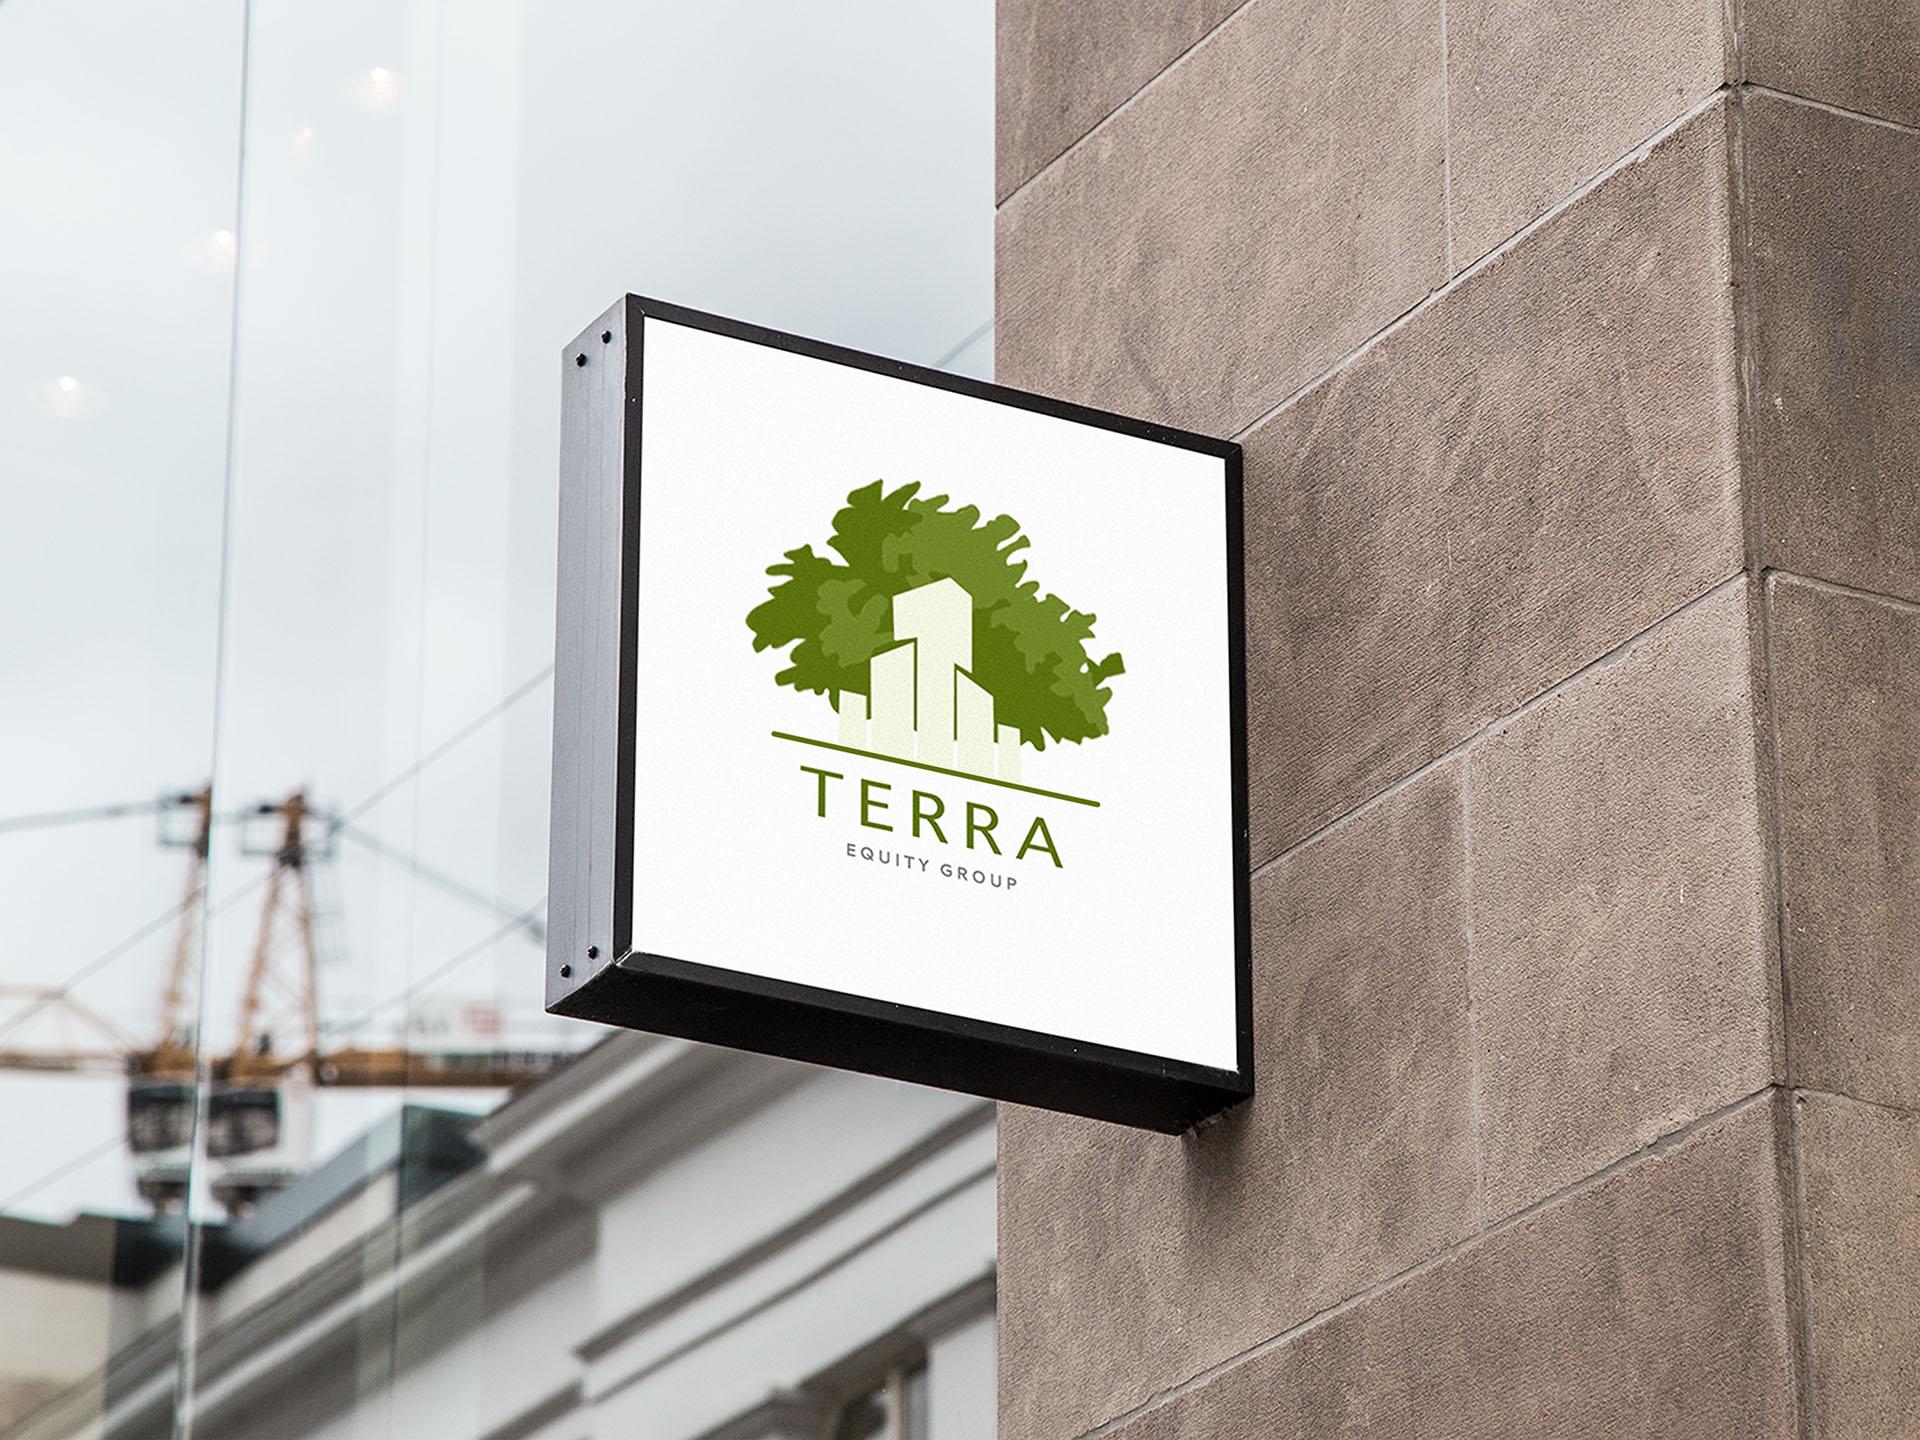 Brand Identity work for Terra